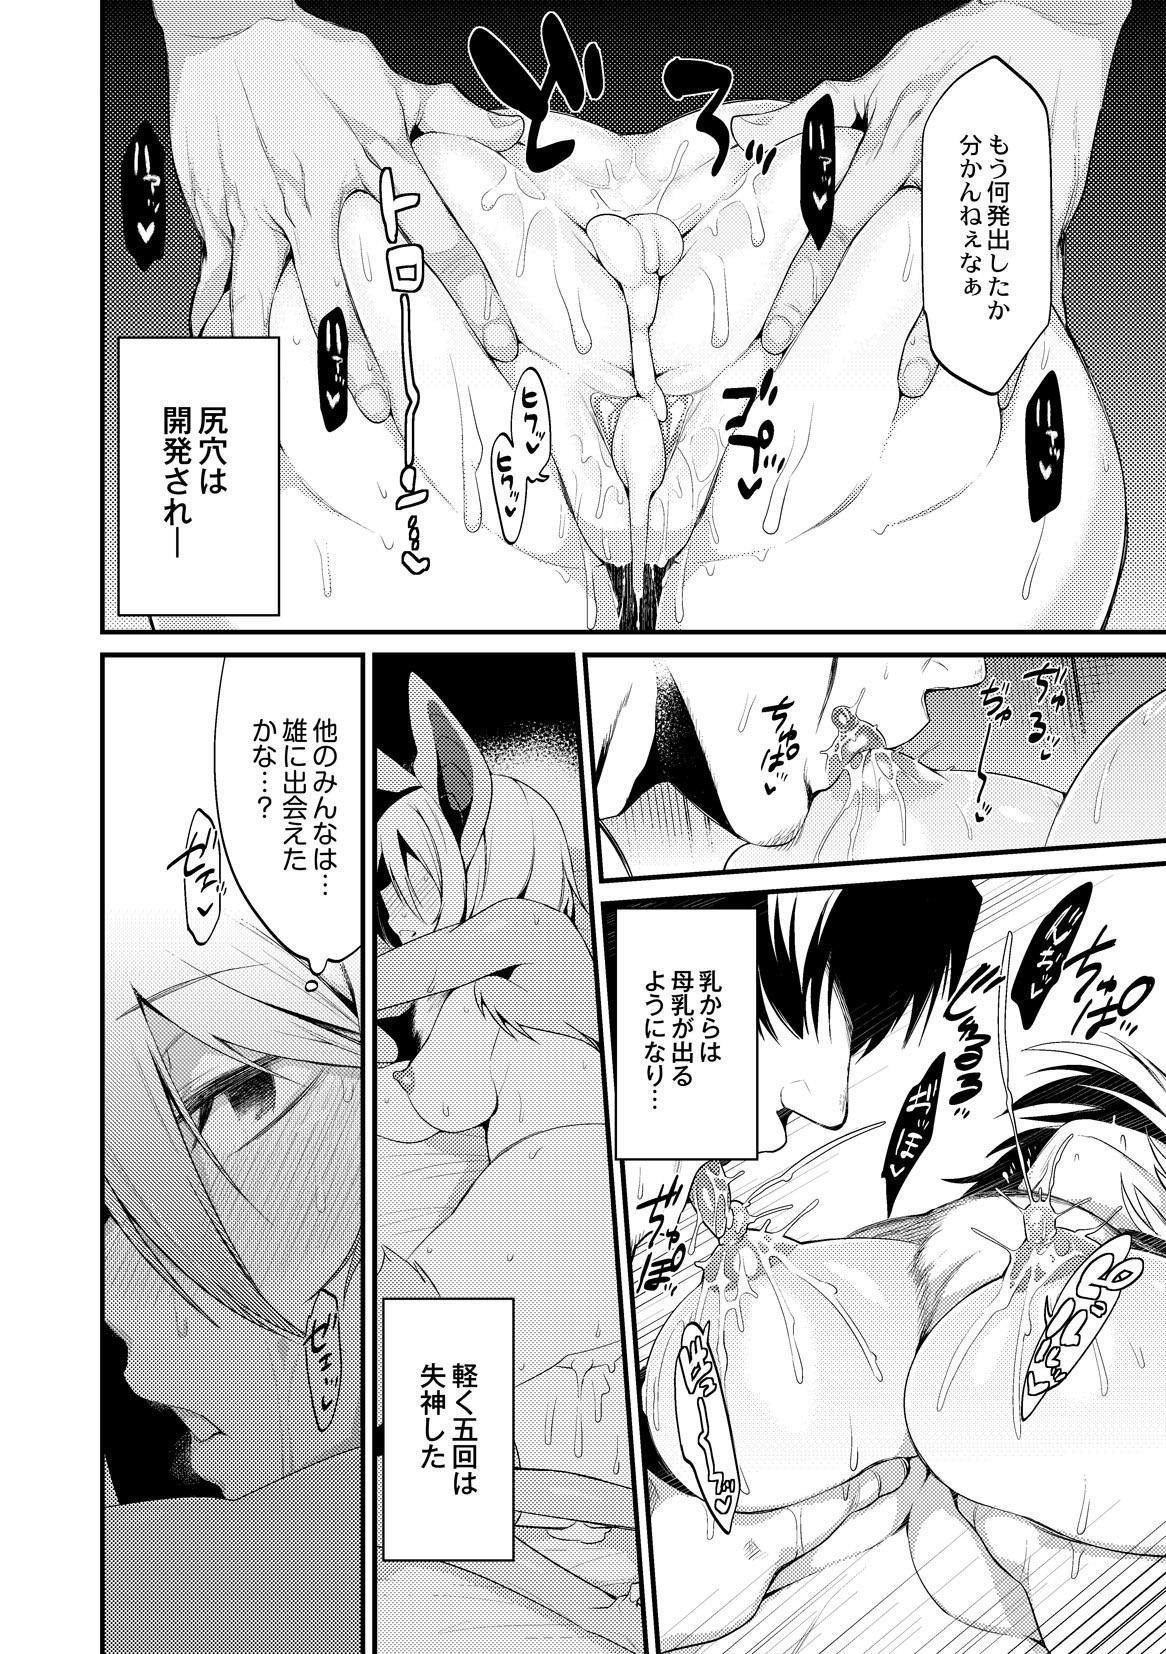 Jitsuroku! Koumori Onnna-tachi no Hanshokuki 15